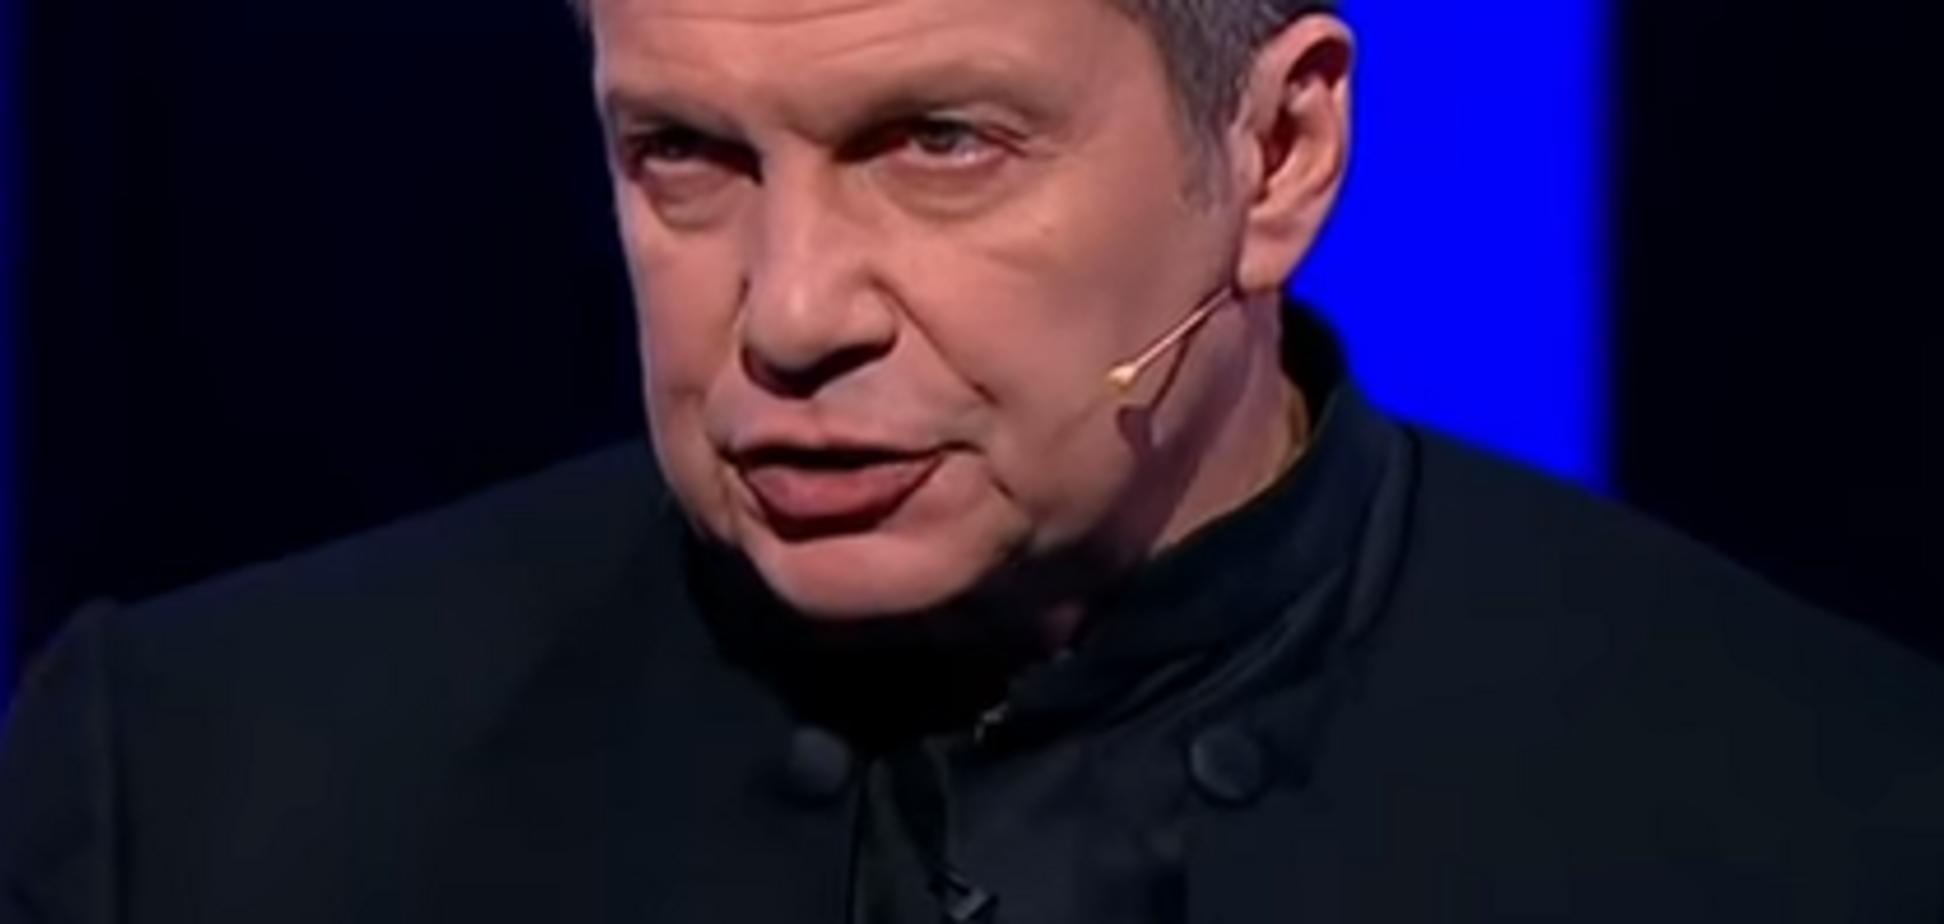 'Не дай Бог его убьют': Соловьев публично пригрозил украинскому пранкеру из-за трагедии в Кемерово